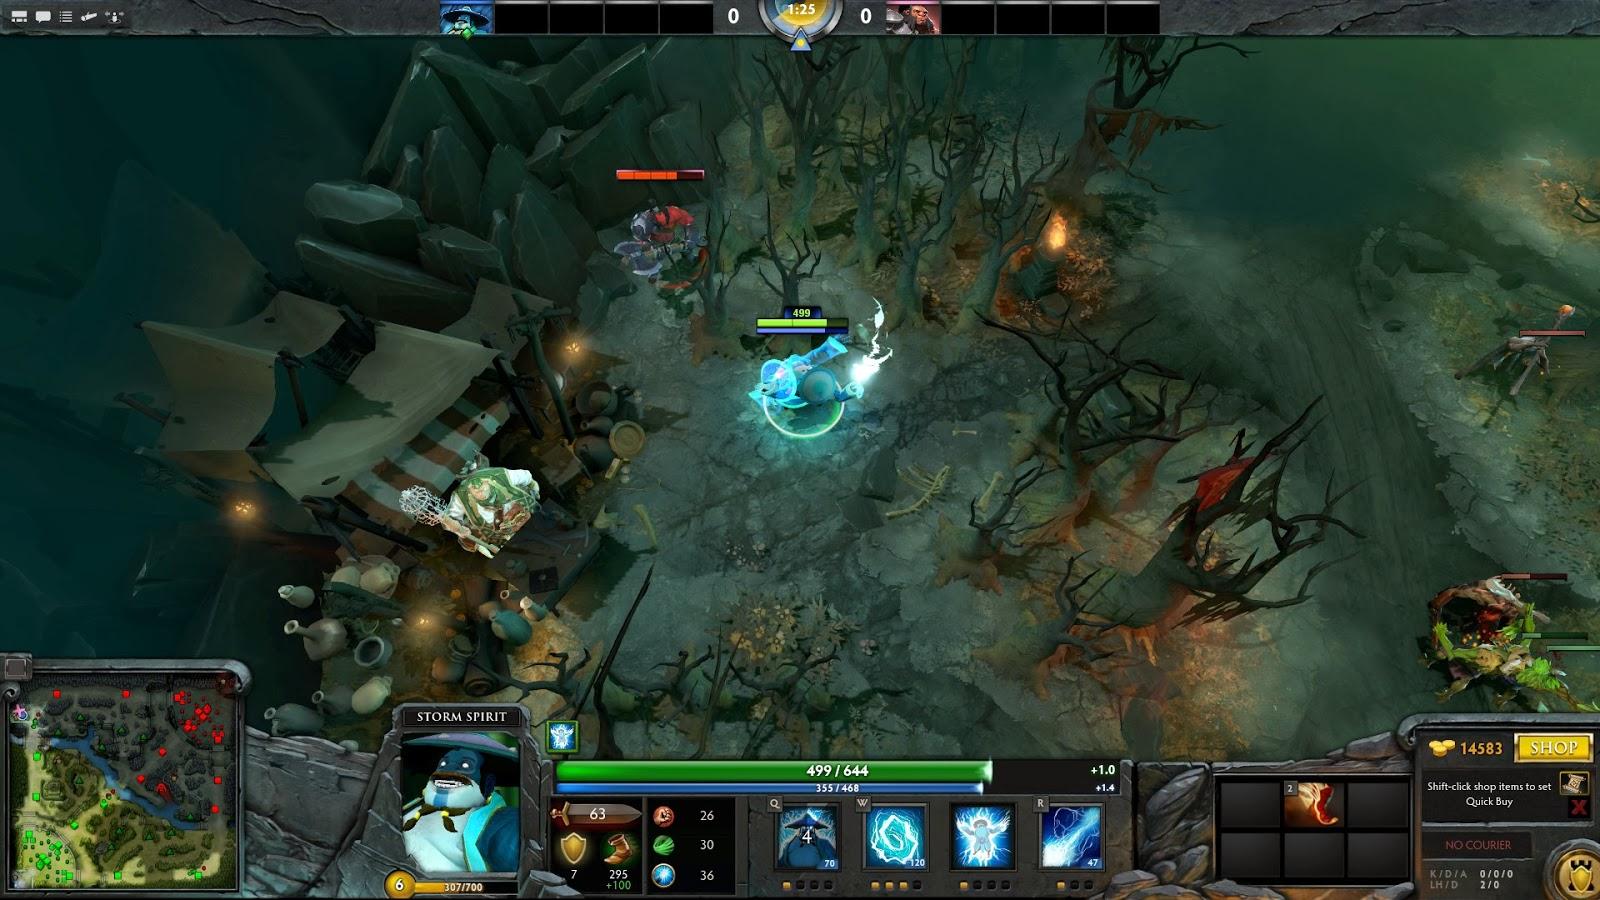 BATA Warcraft 3 Dota Tips And Tricks